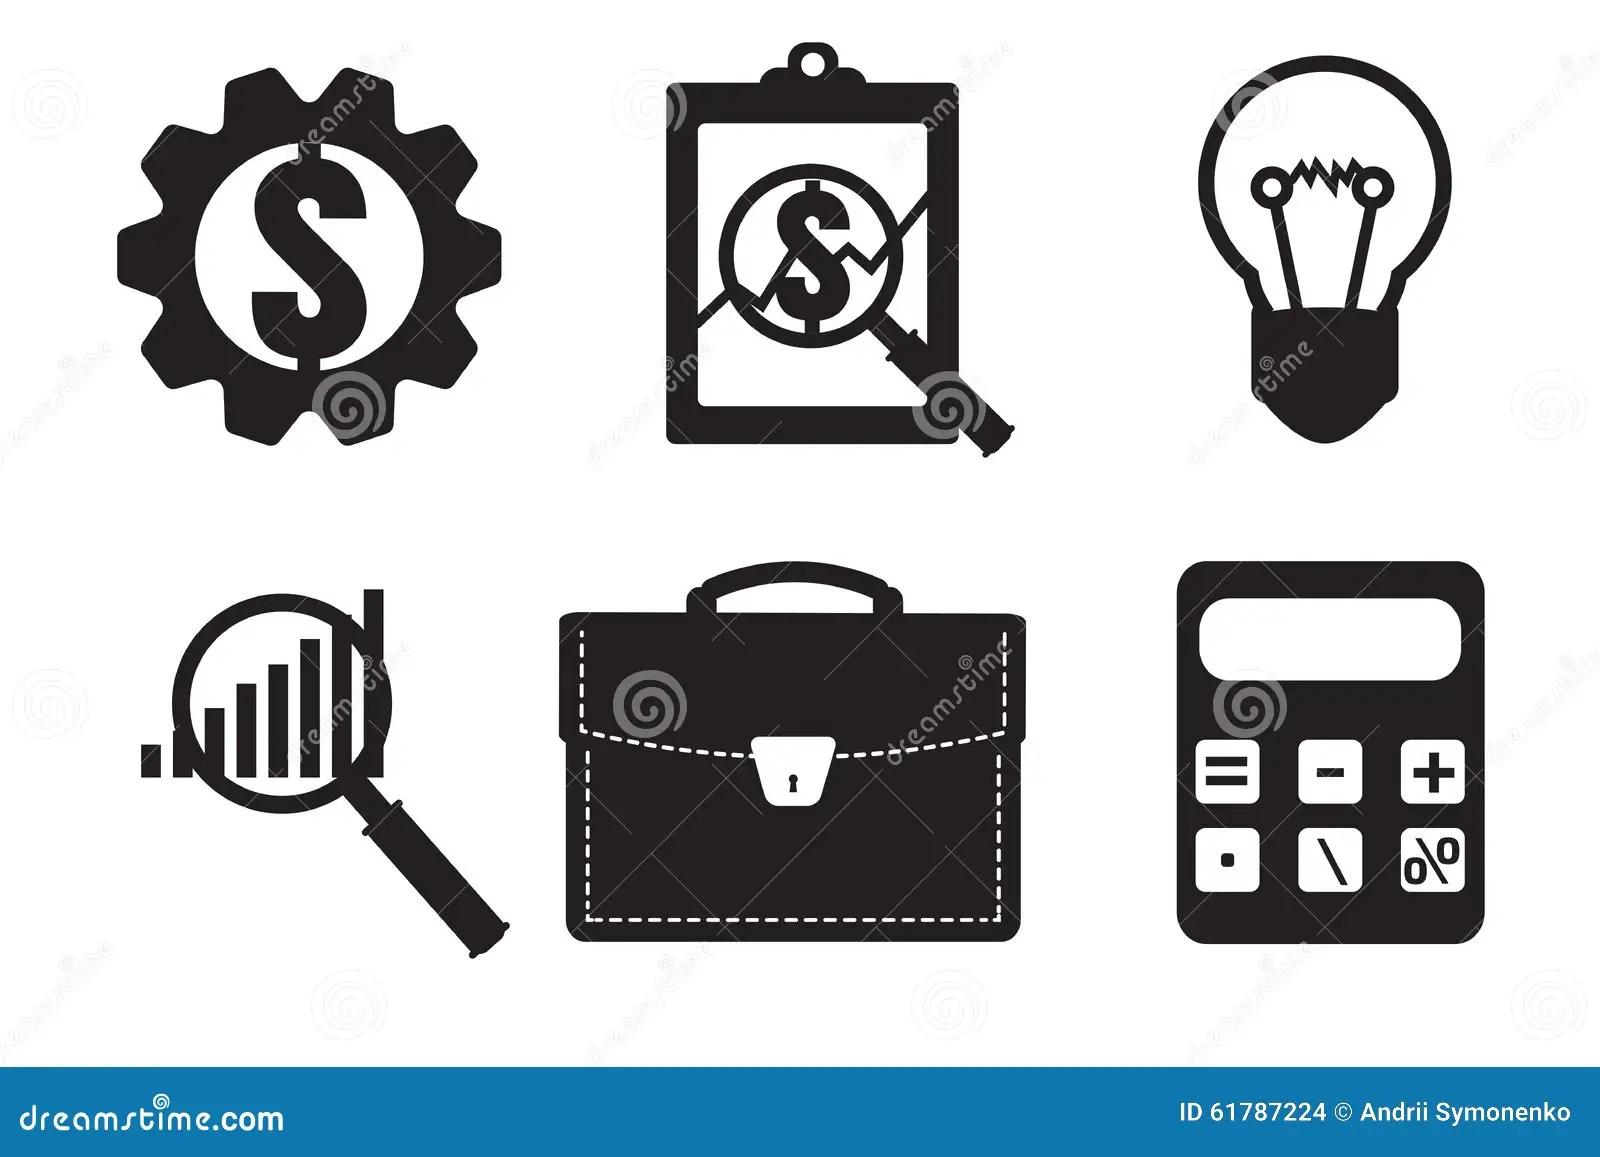 Financial Examiner Icon. Economic Statistic Icon. Vector